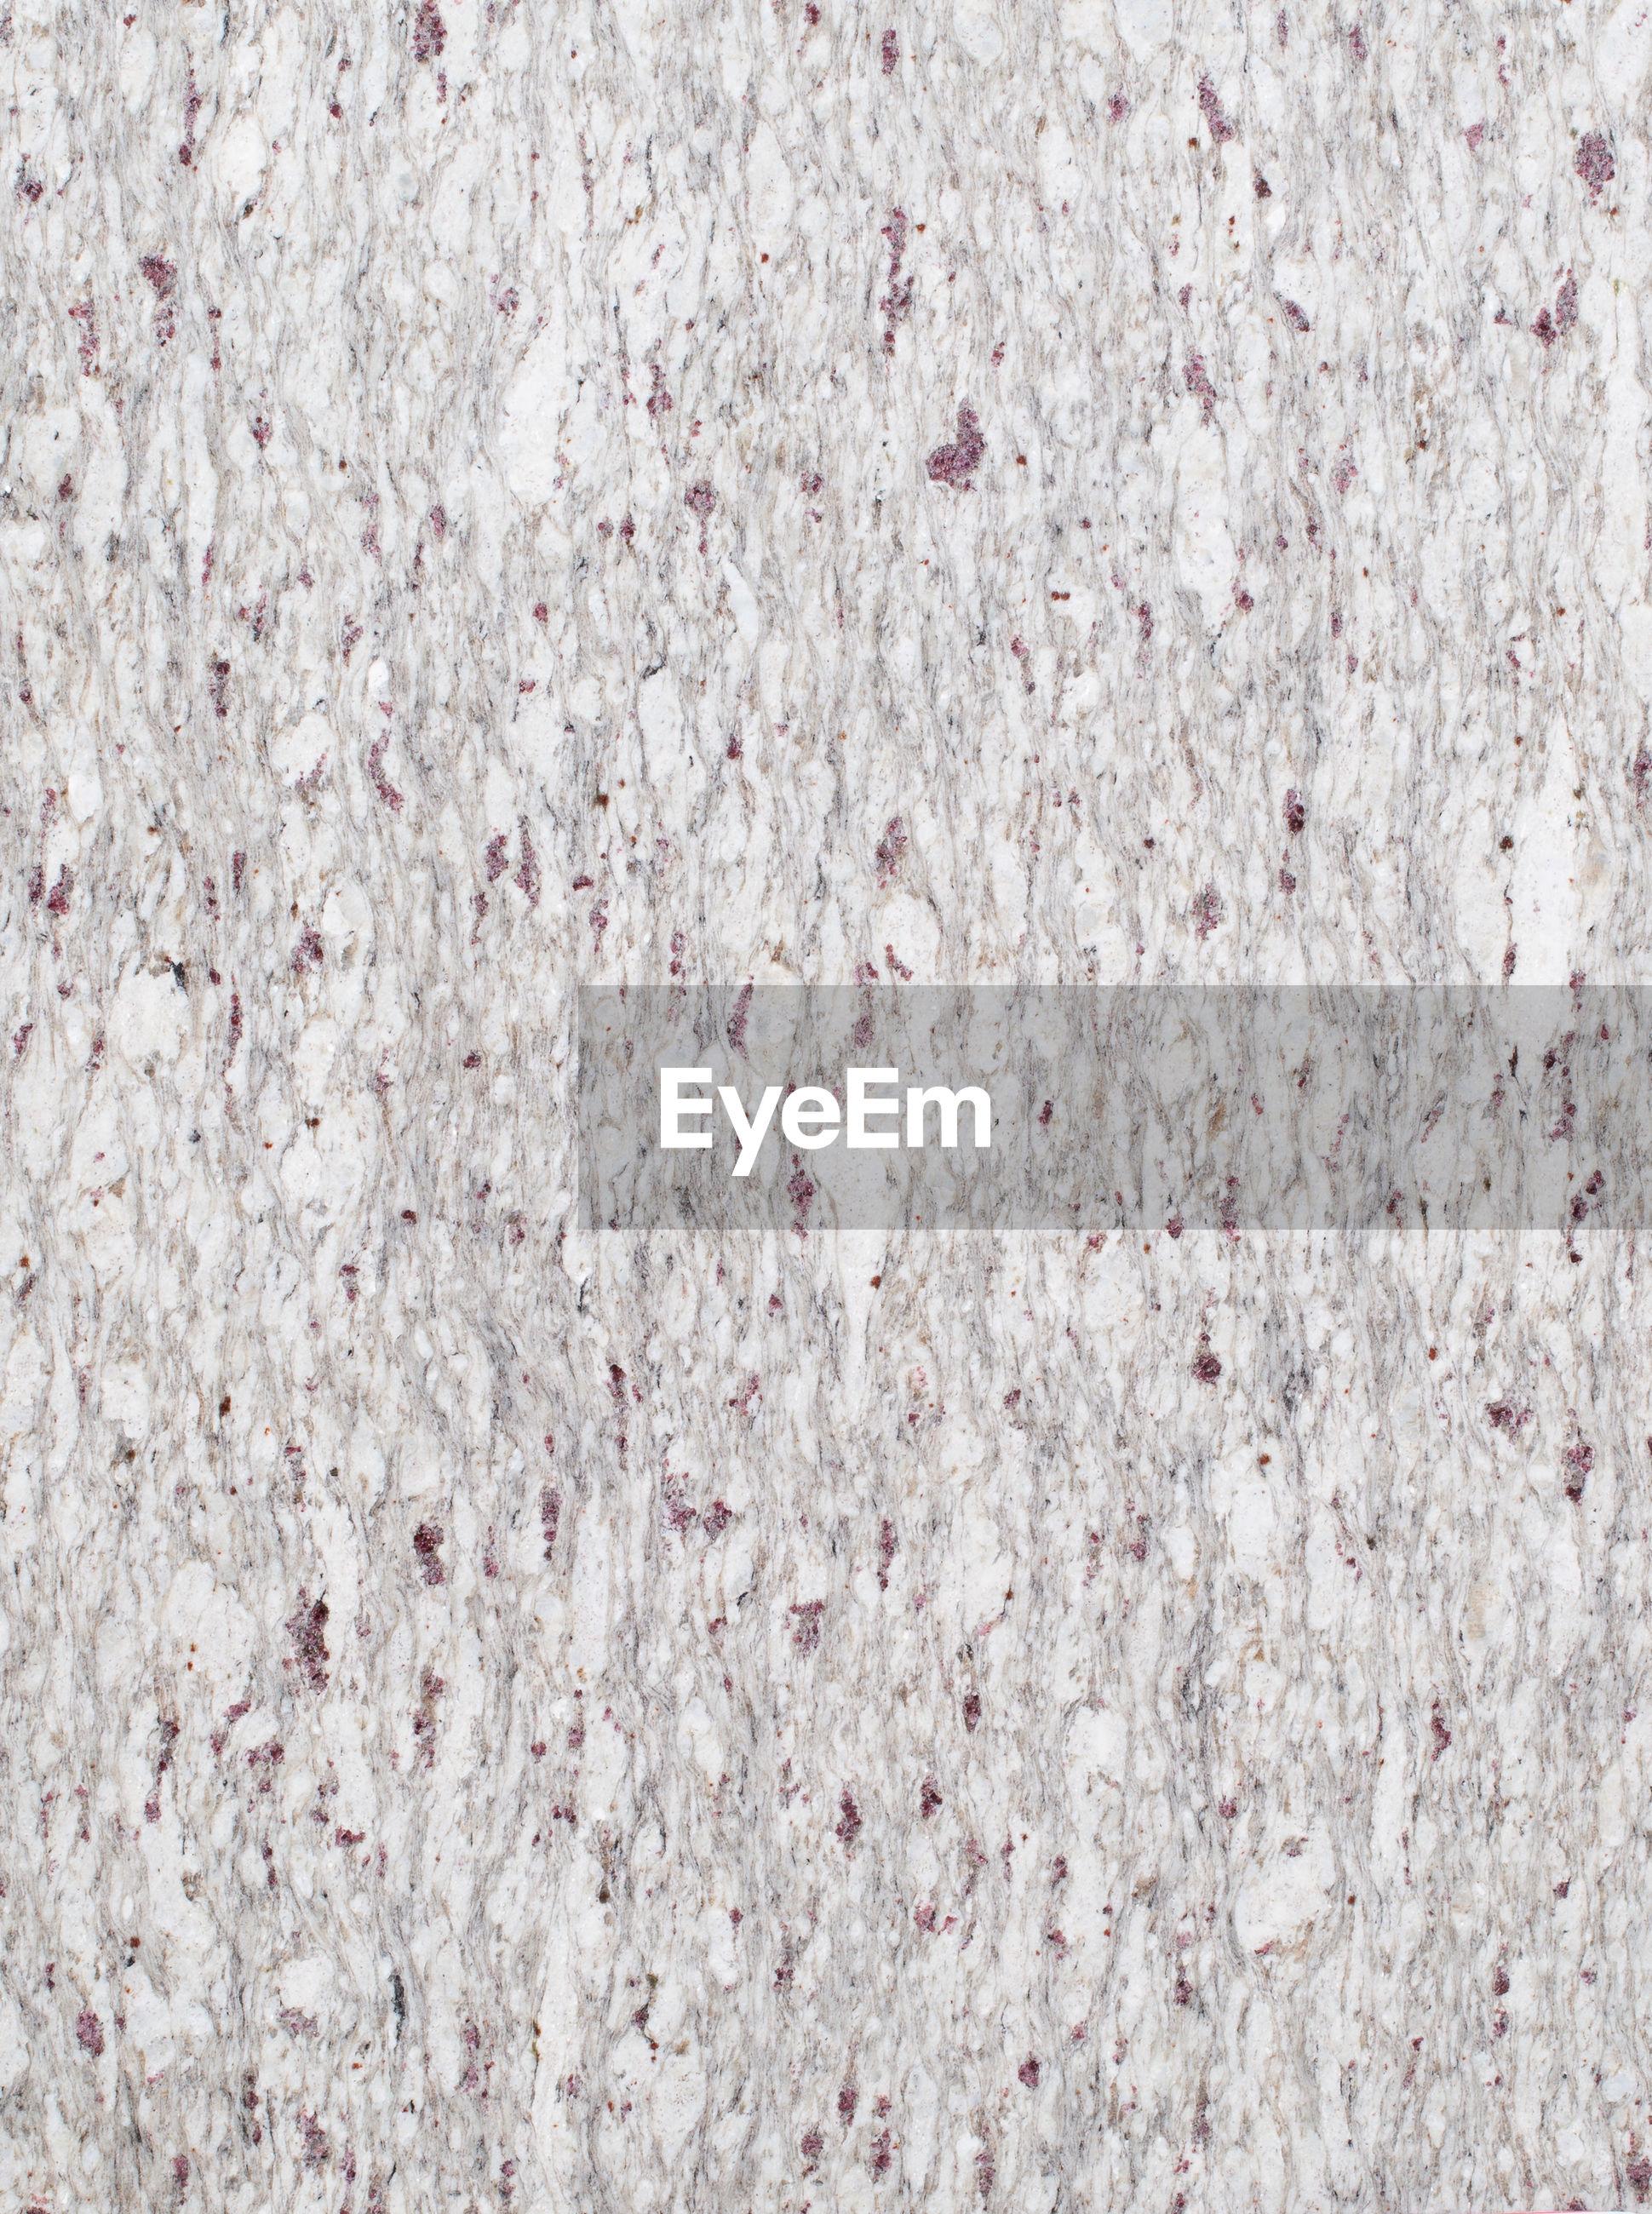 Full frame shot of patterned marble floor